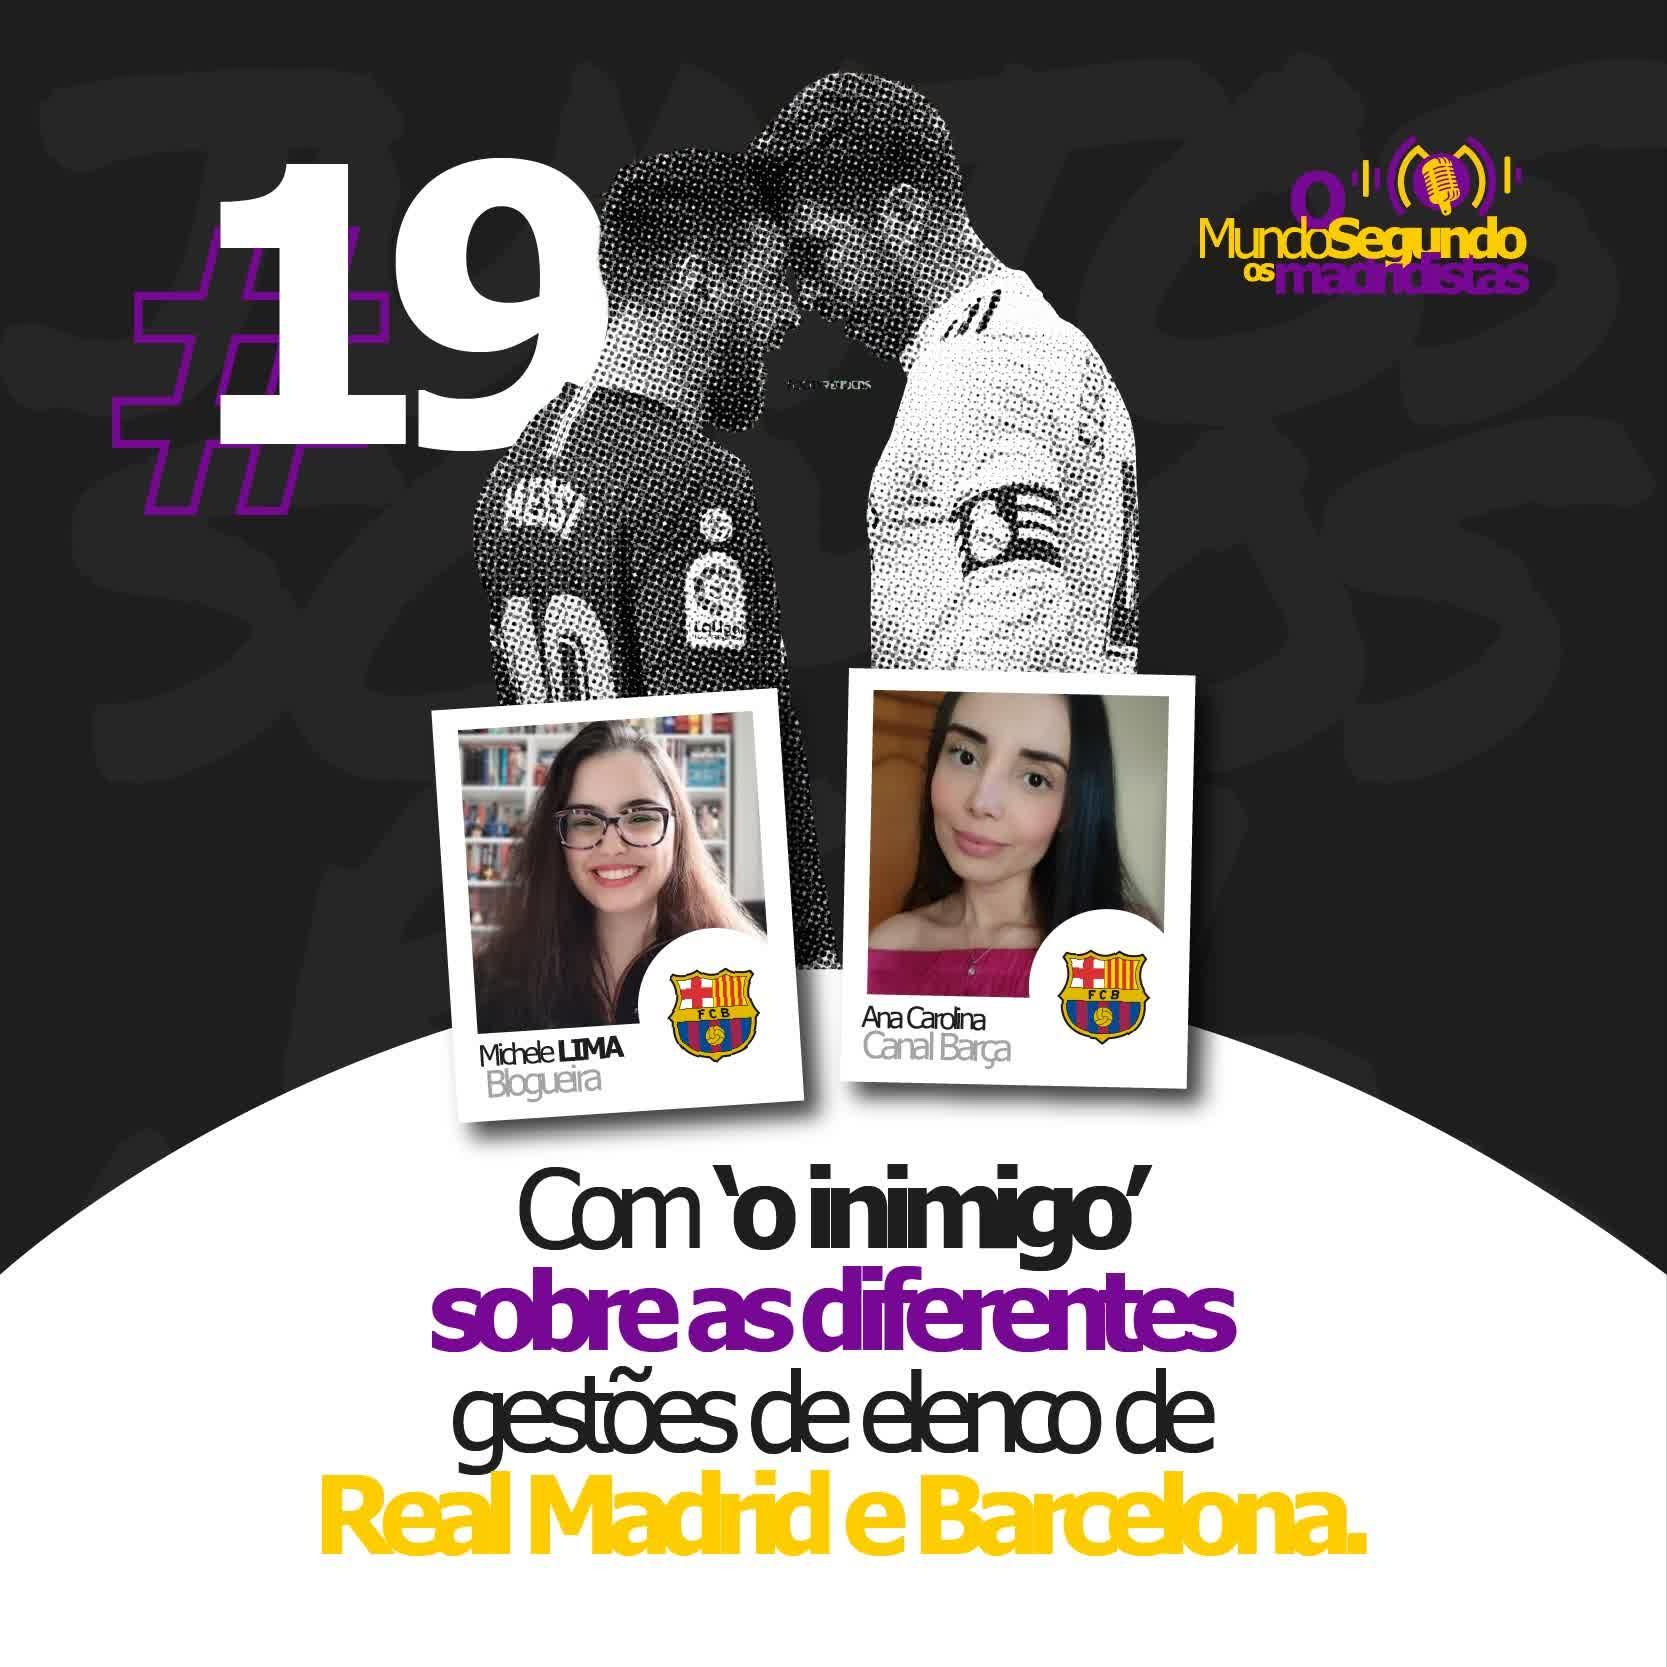 Ep. 19 - Sobre as gestões de elenco de Real Madrid e Barcelona